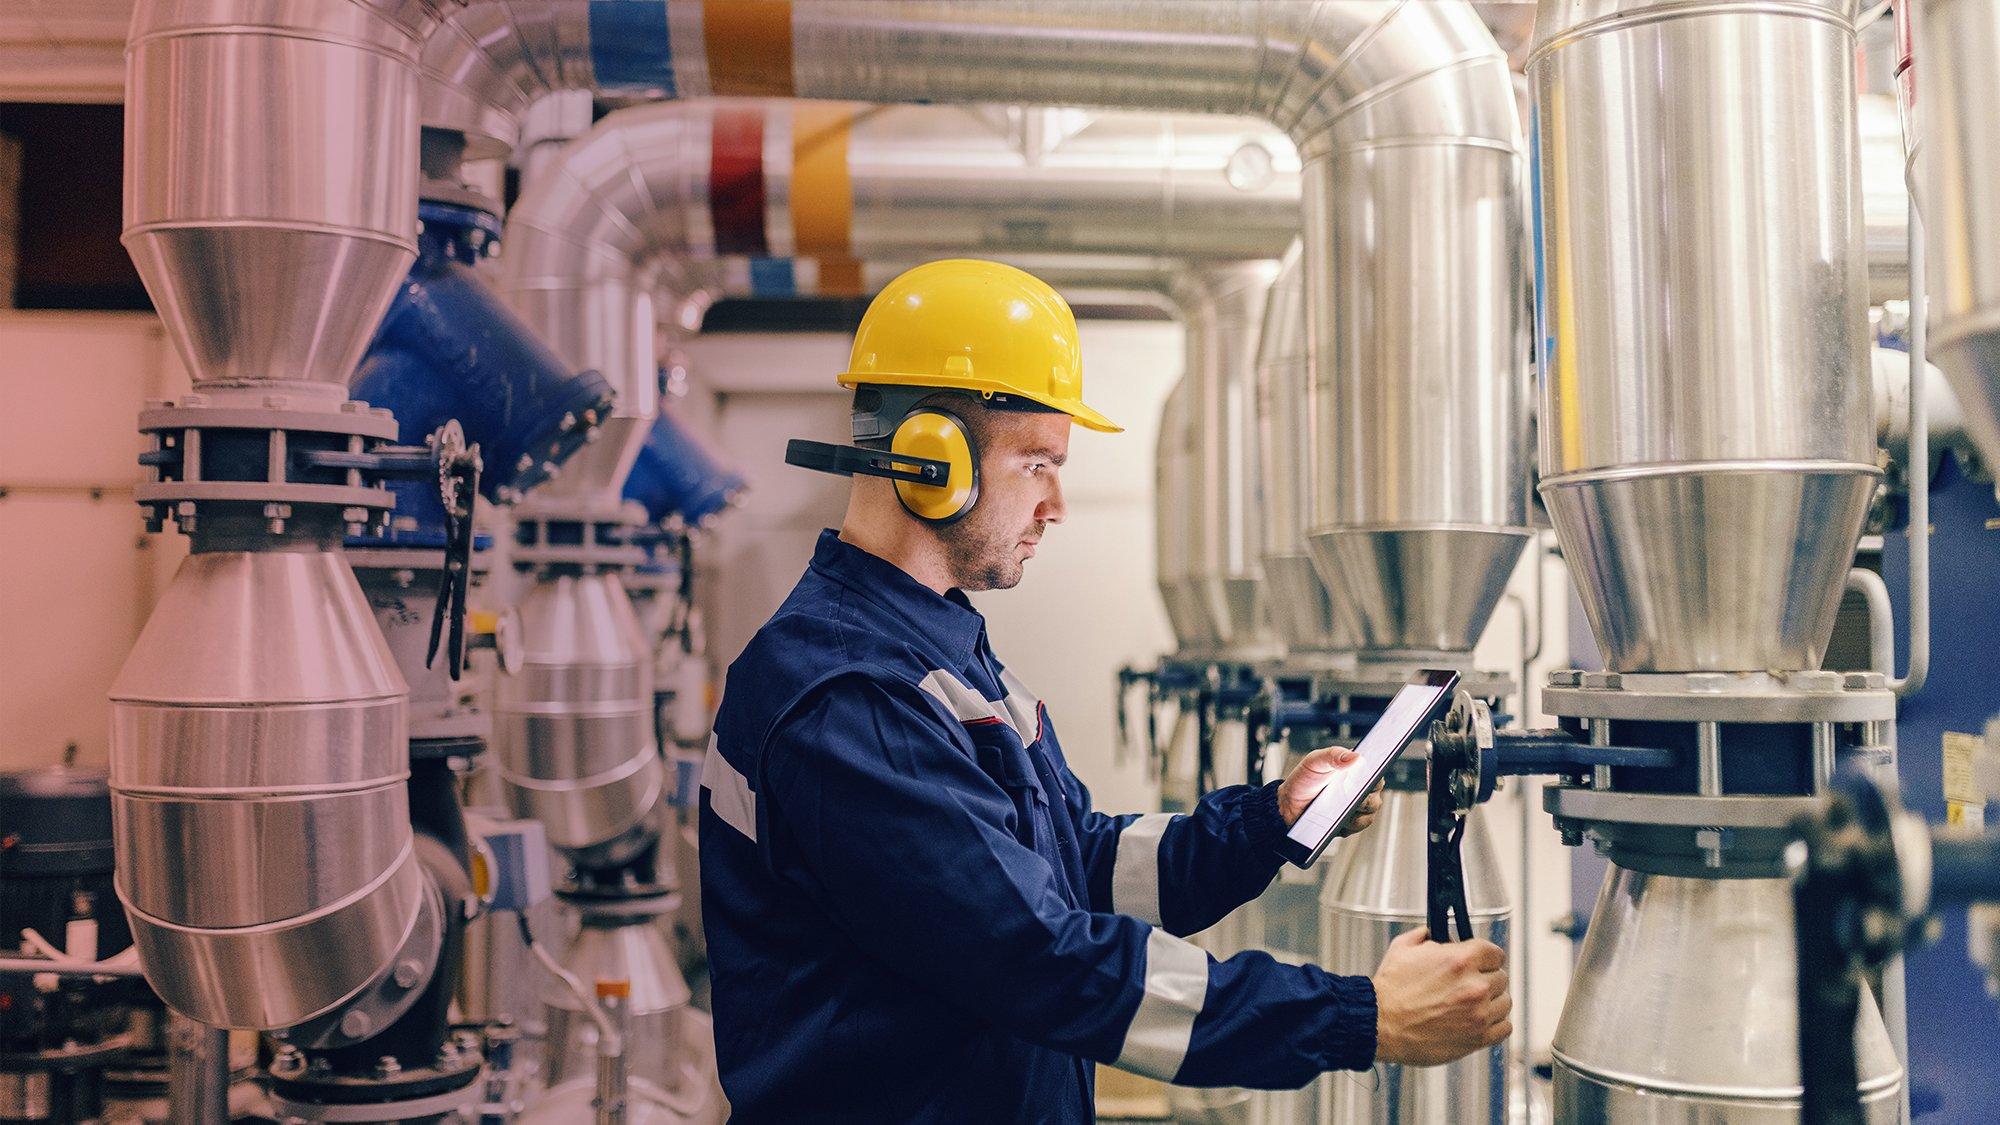 Les solutions digitales au service de l'opérateur de  maintenance